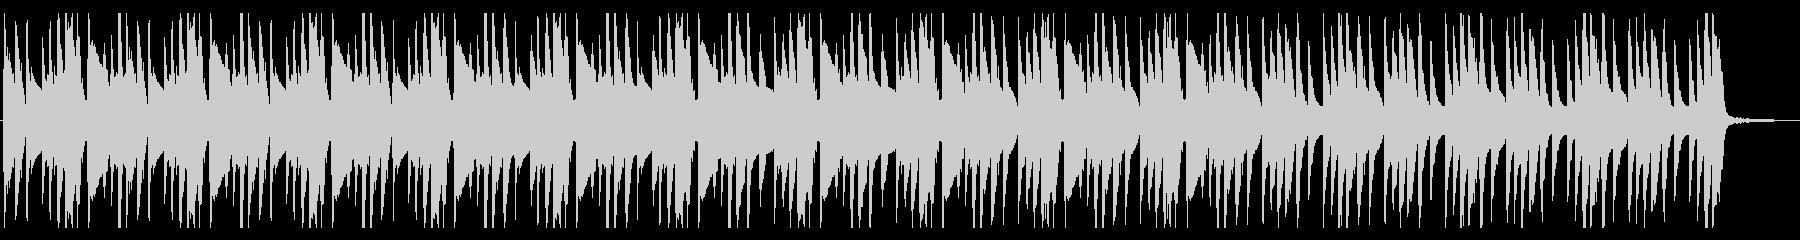 何かを考えているときに流れるBGMの未再生の波形